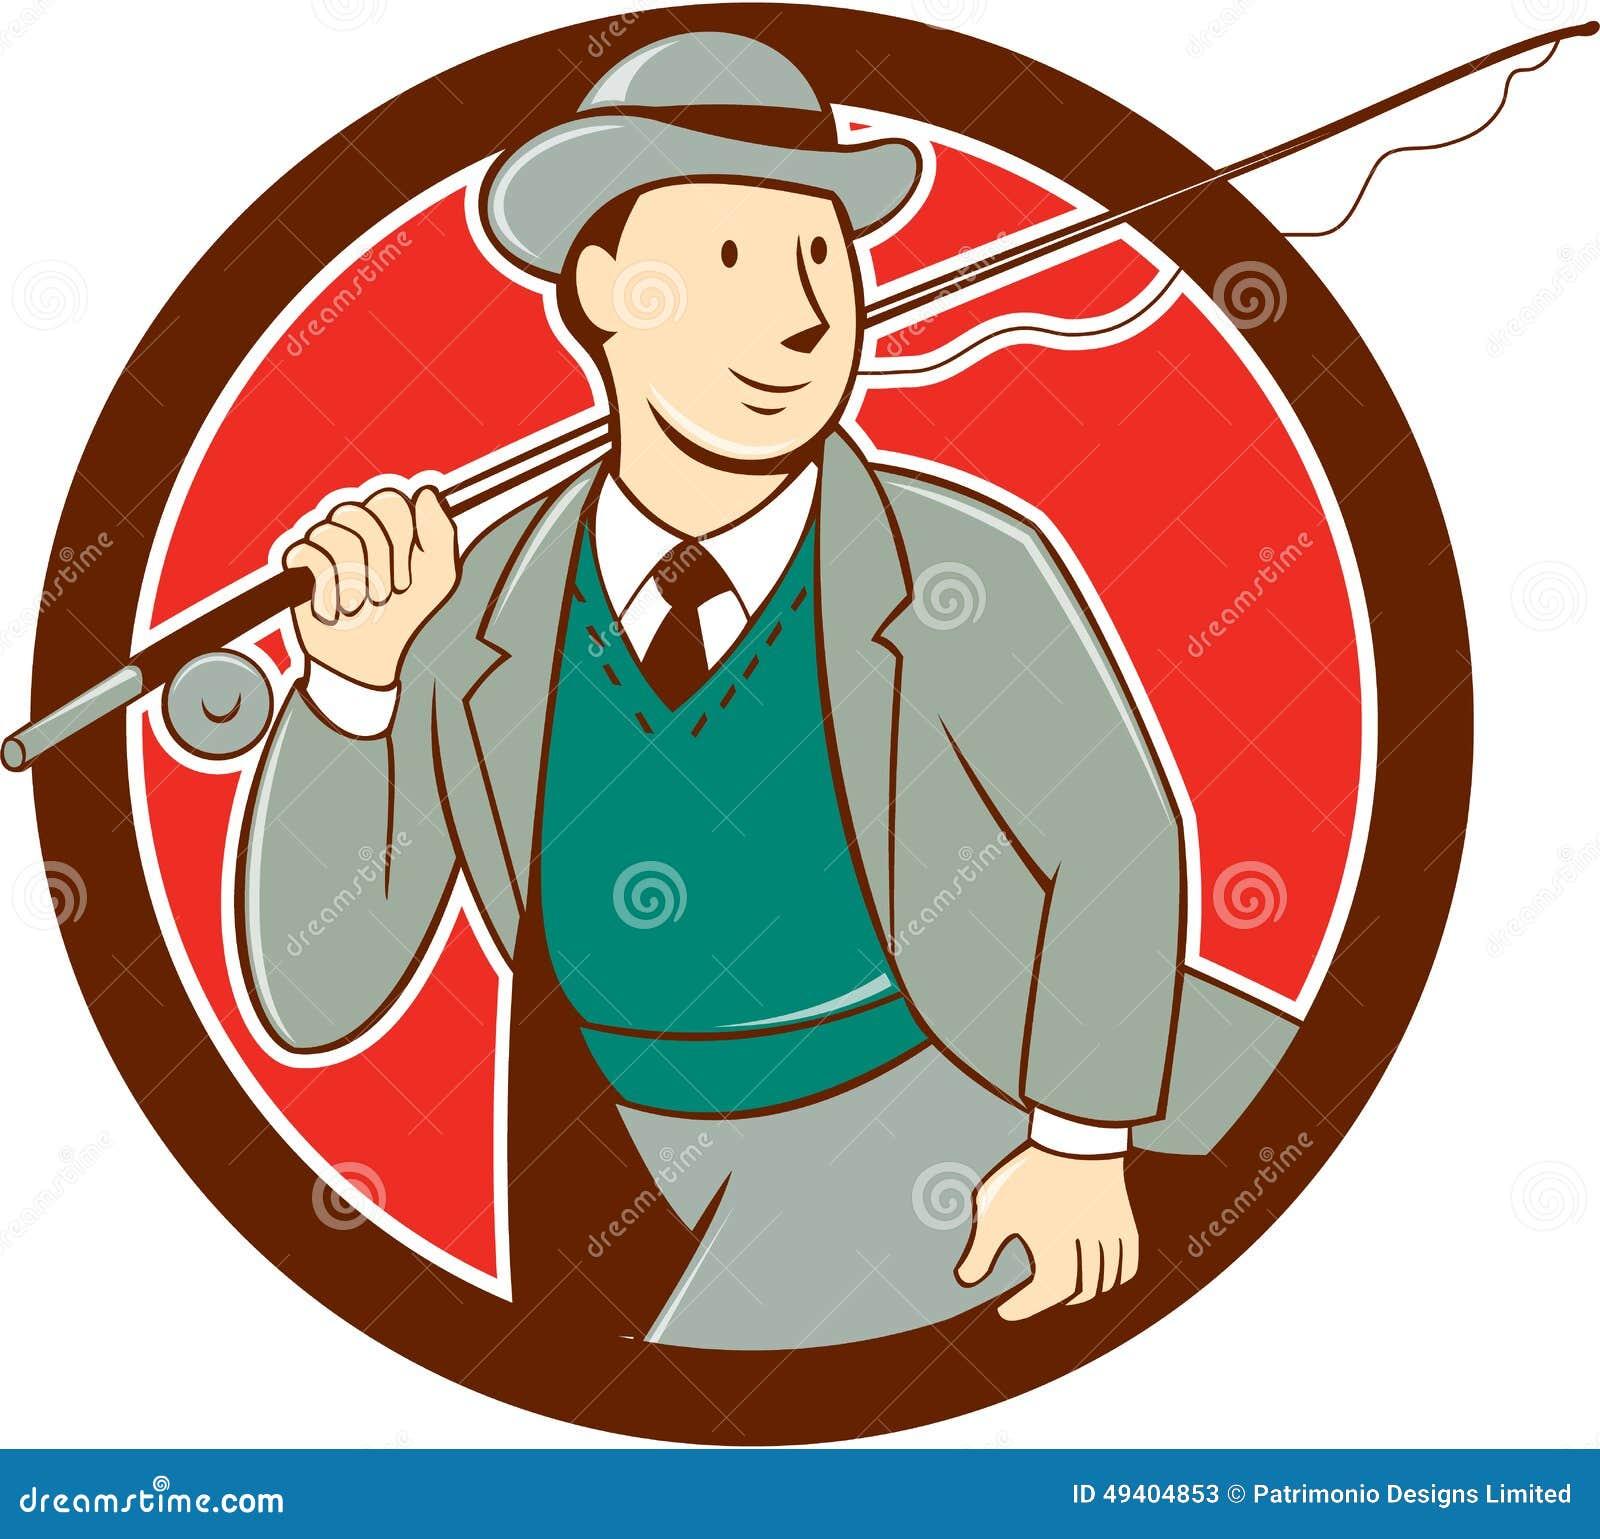 Download Weinlese-Fliegen-Fischer Bowler Hat Cartoon Stock Abbildung - Illustration von gestänge, bandspule: 49404853